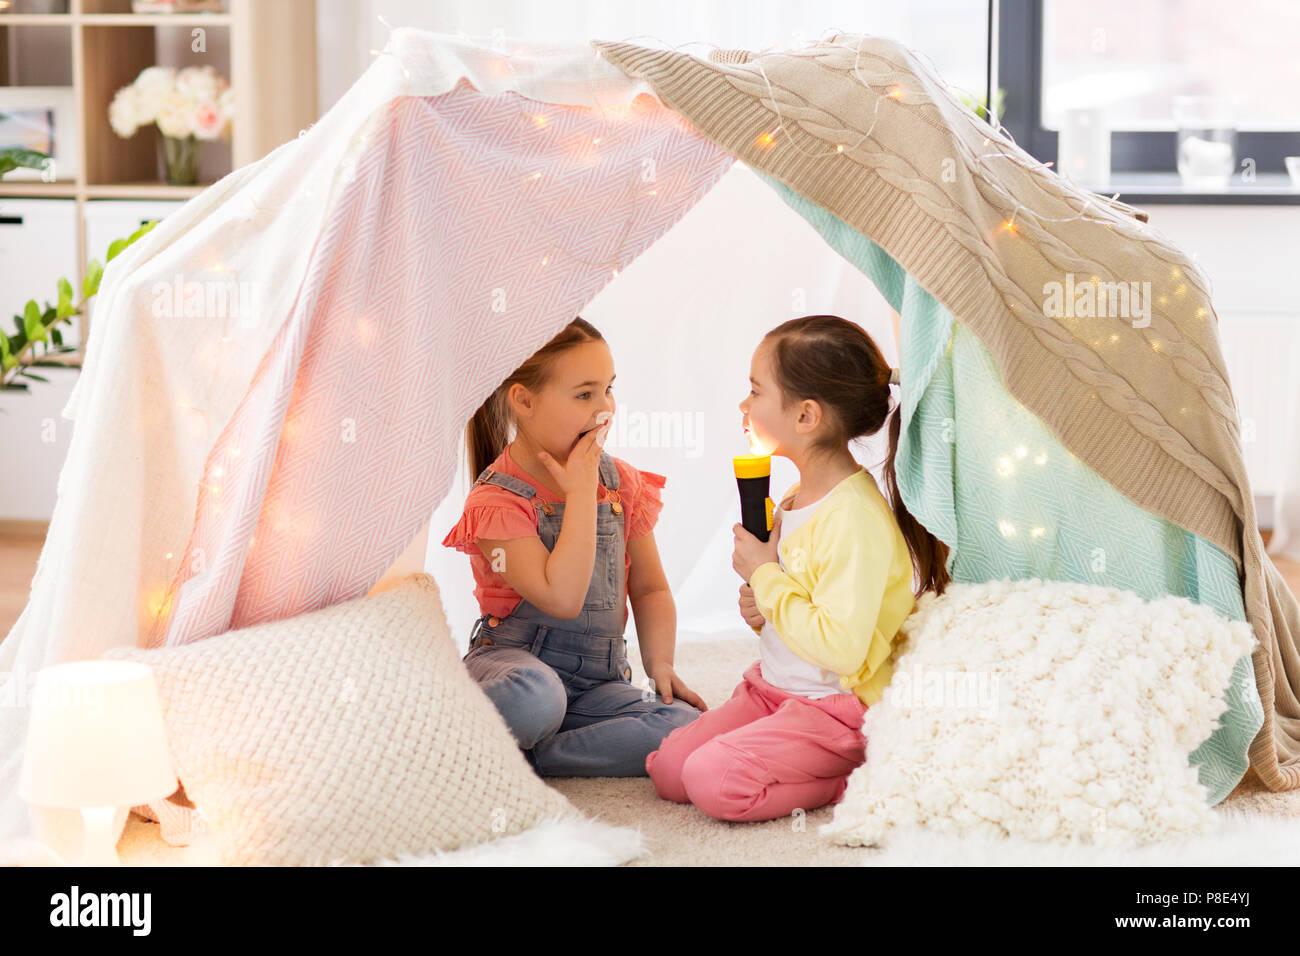 ☀ tende da gioco per bambini per divertirsi dentro e fuori casa